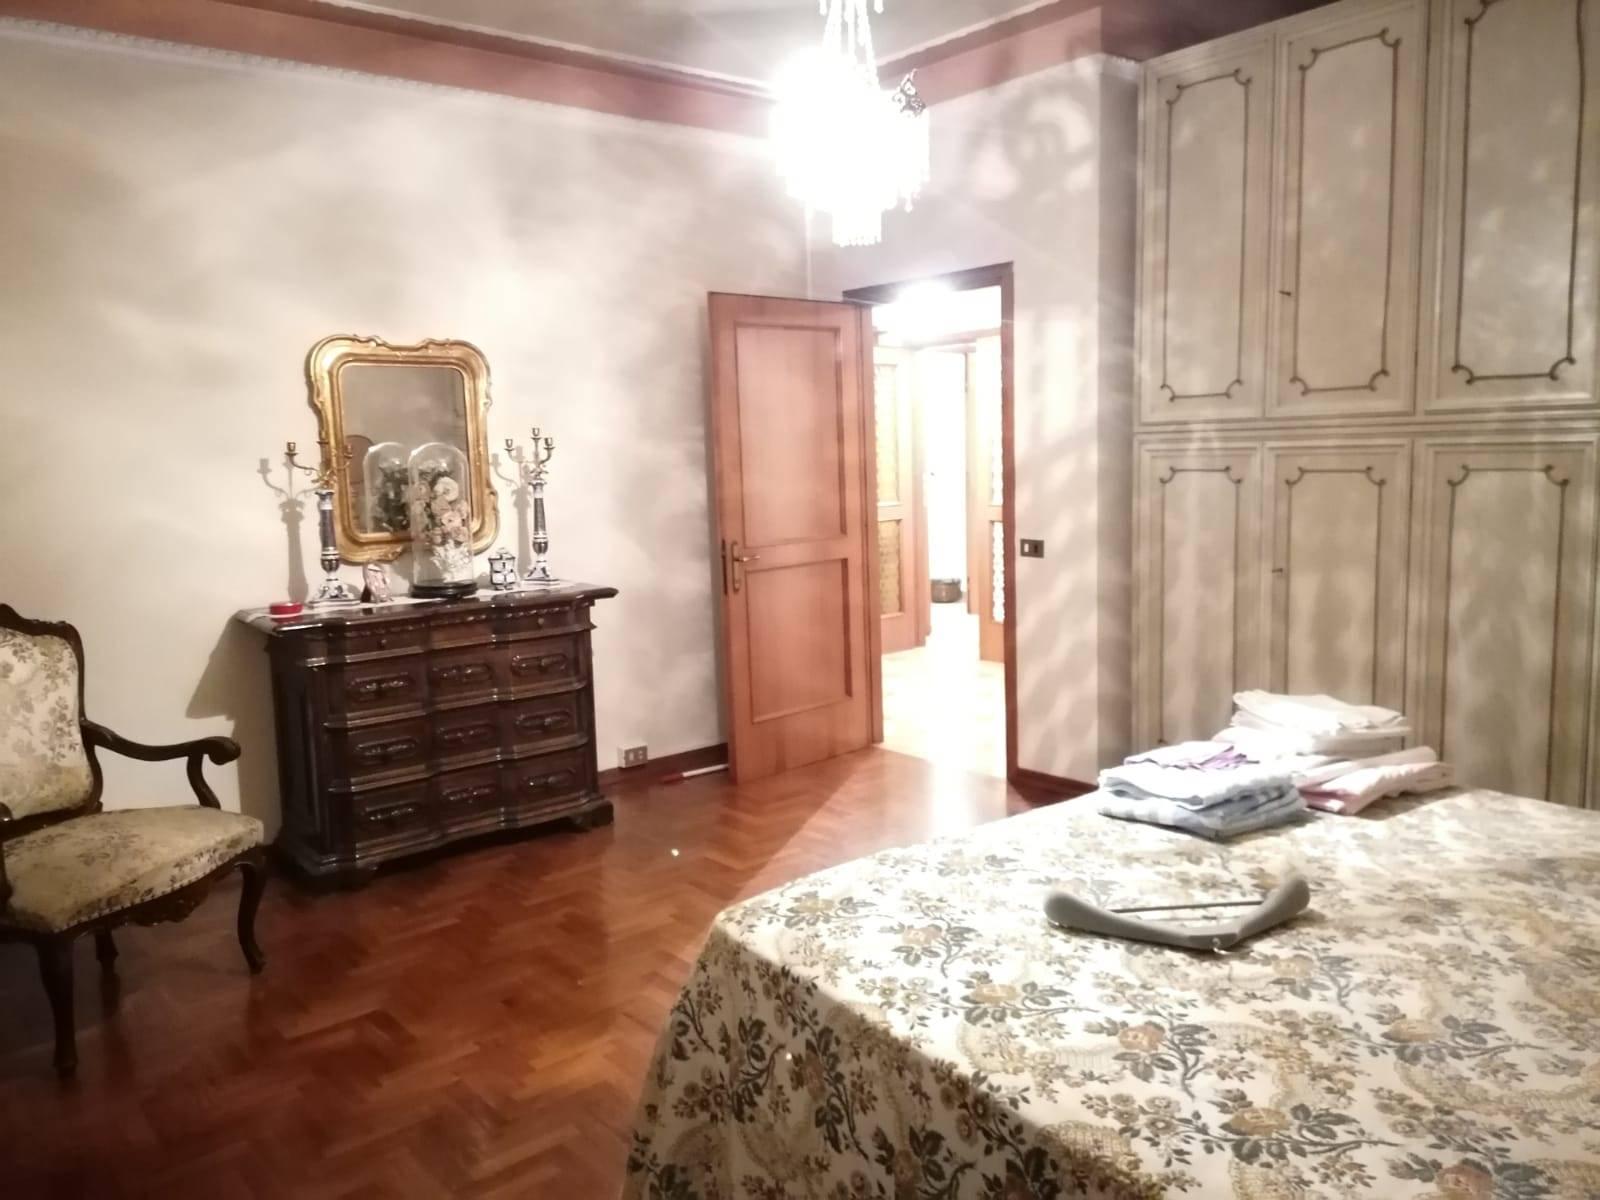 Villa in Vendita a Campi bisenzio zona  - immagine 26